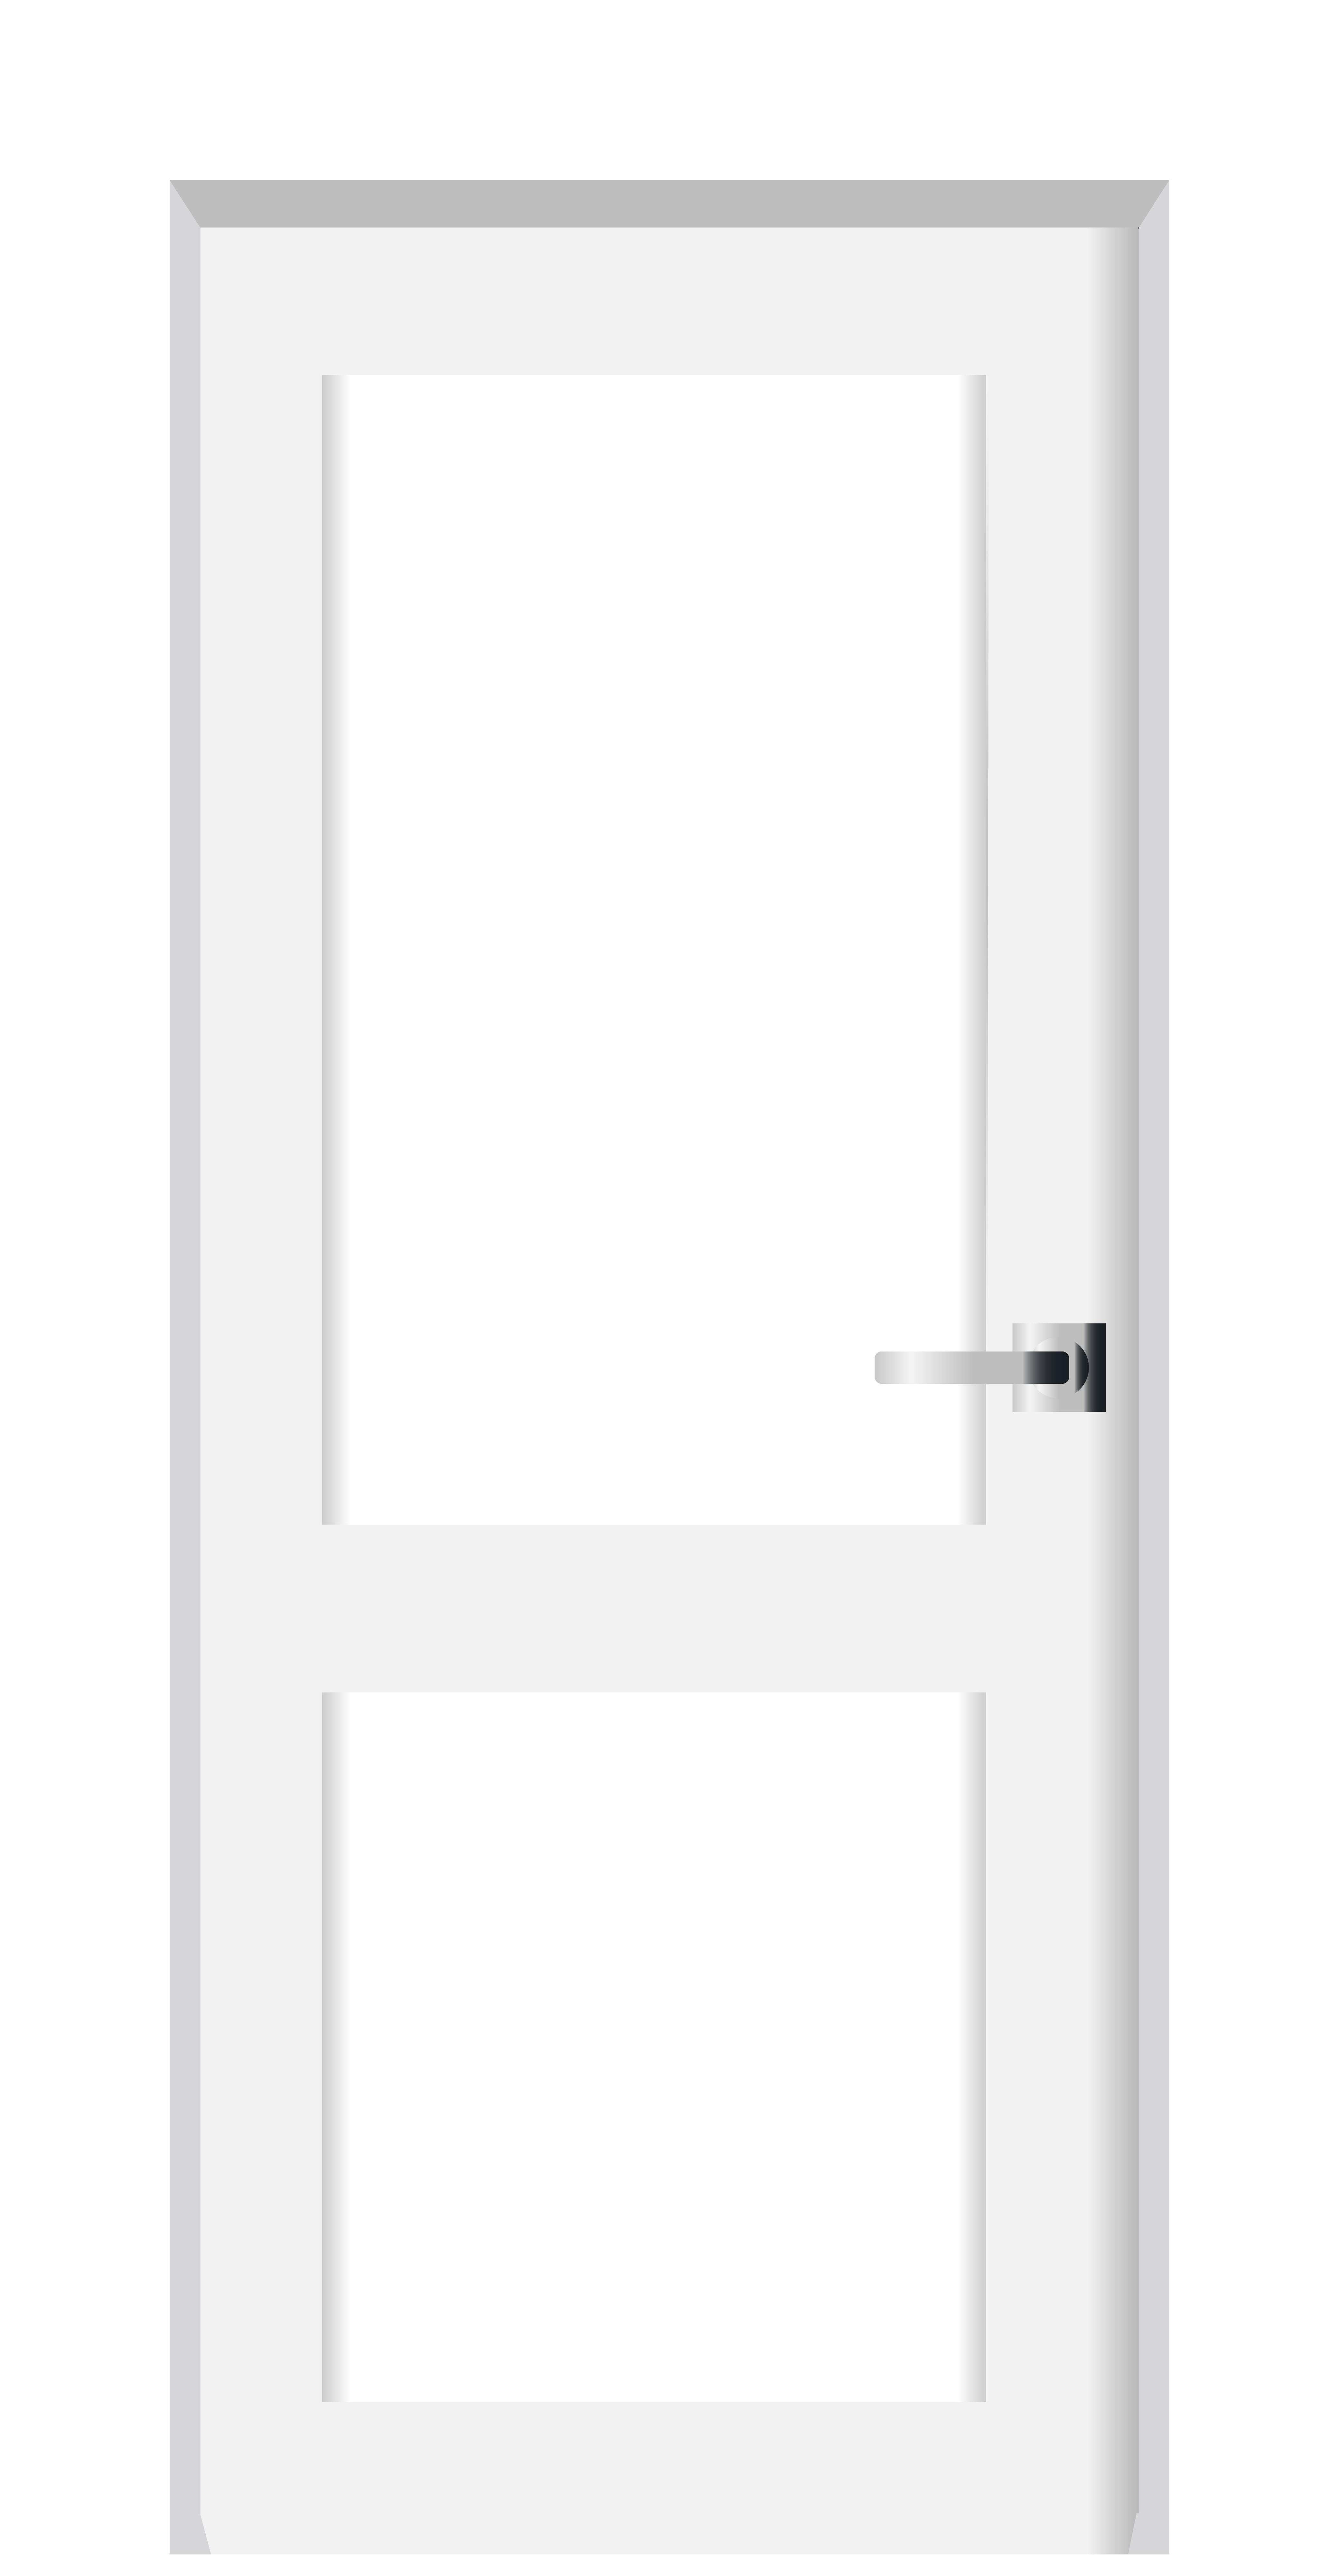 Door clipart rectangle #9